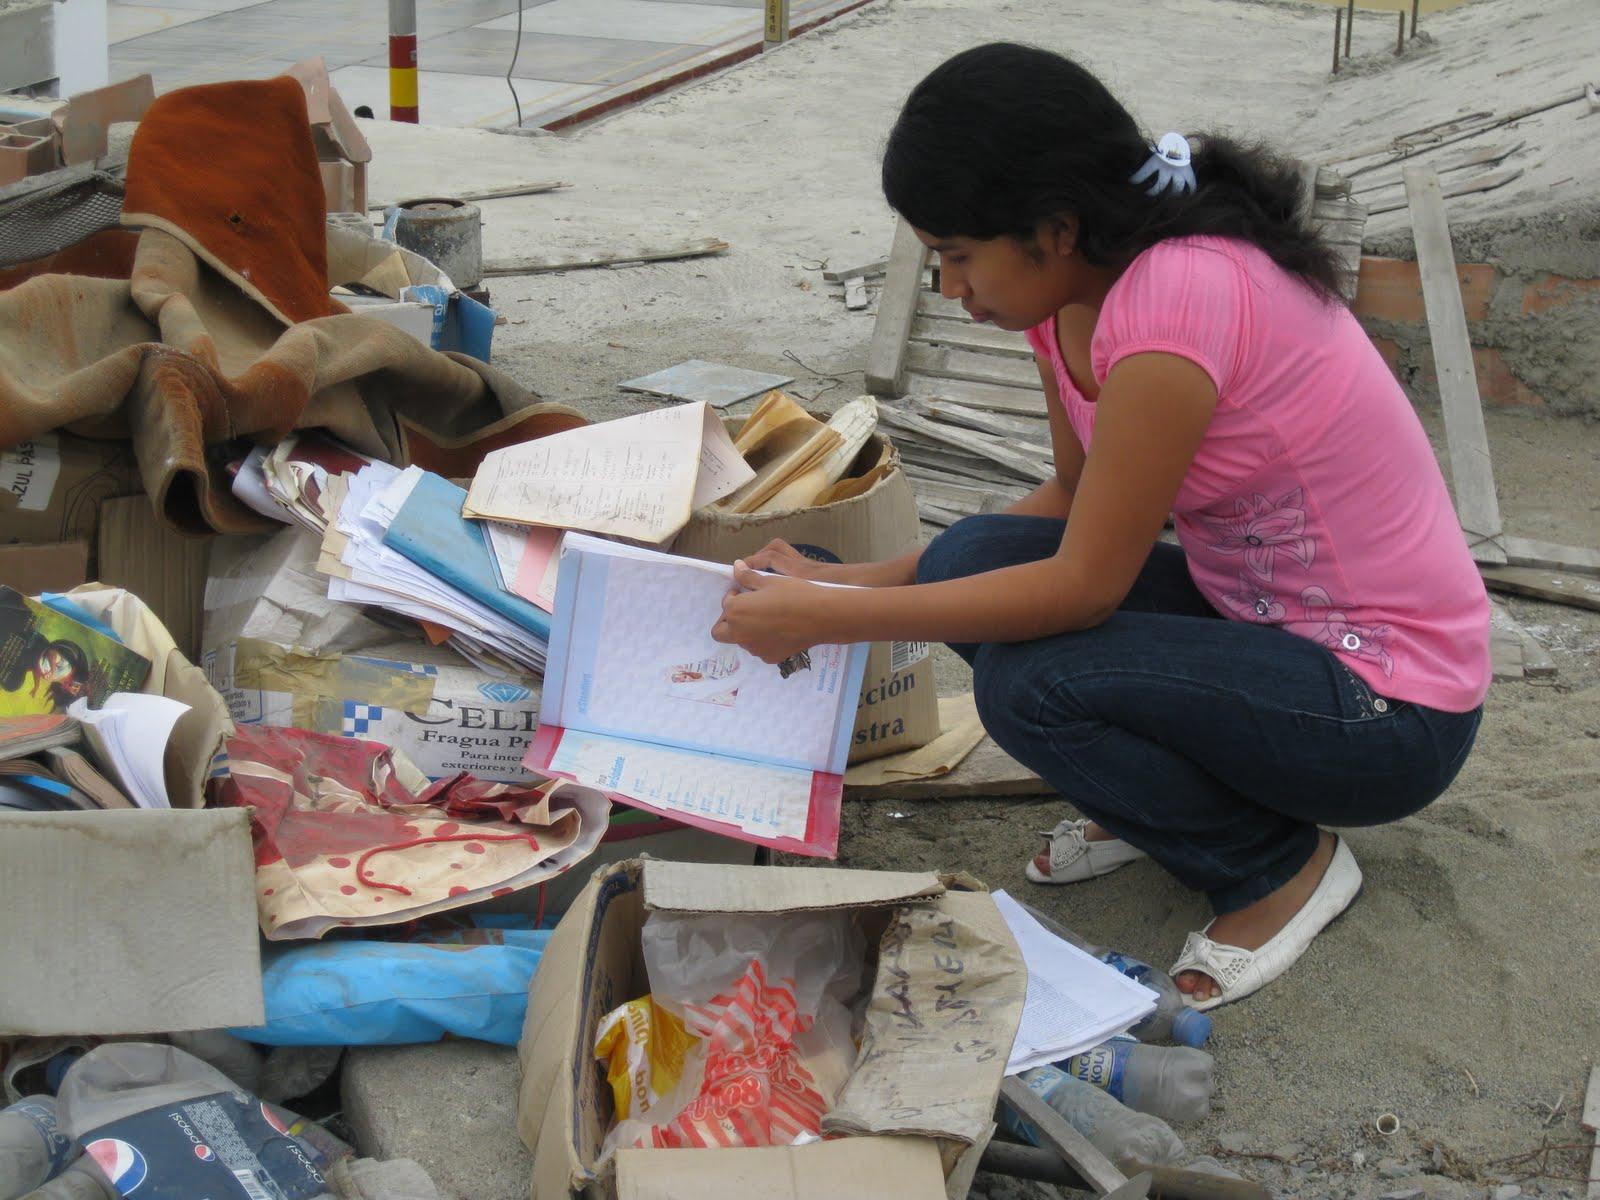 Cultura ambiental recicla papel y salva un arbol - Papel para vidrios ...